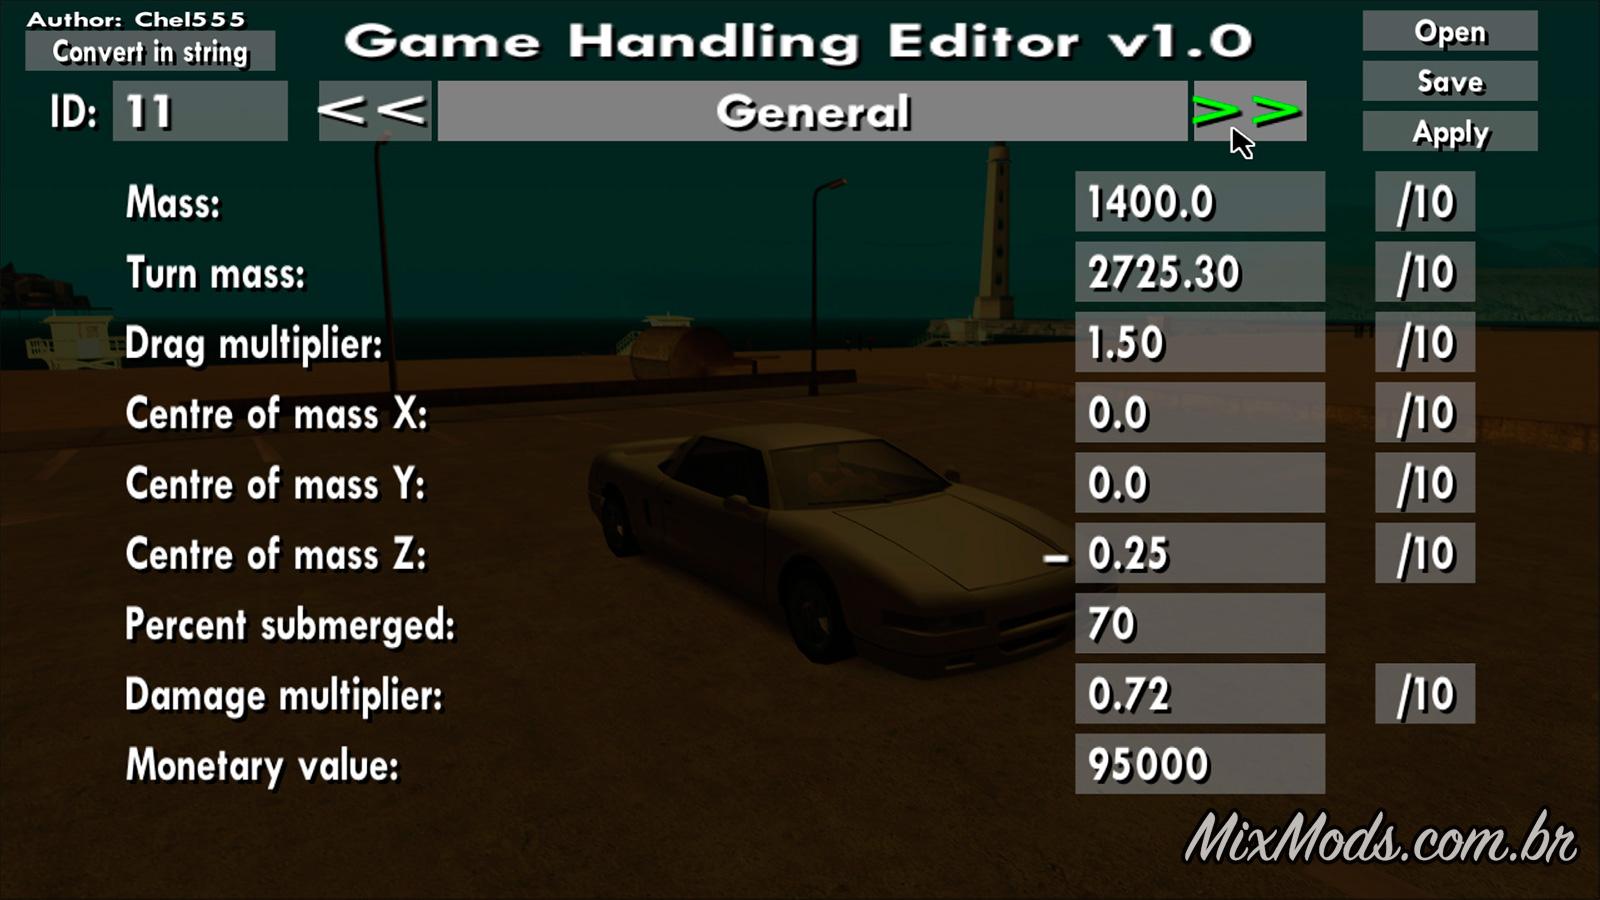 Game Handling Editor - | MixMods | Mods para GTA SA e outros